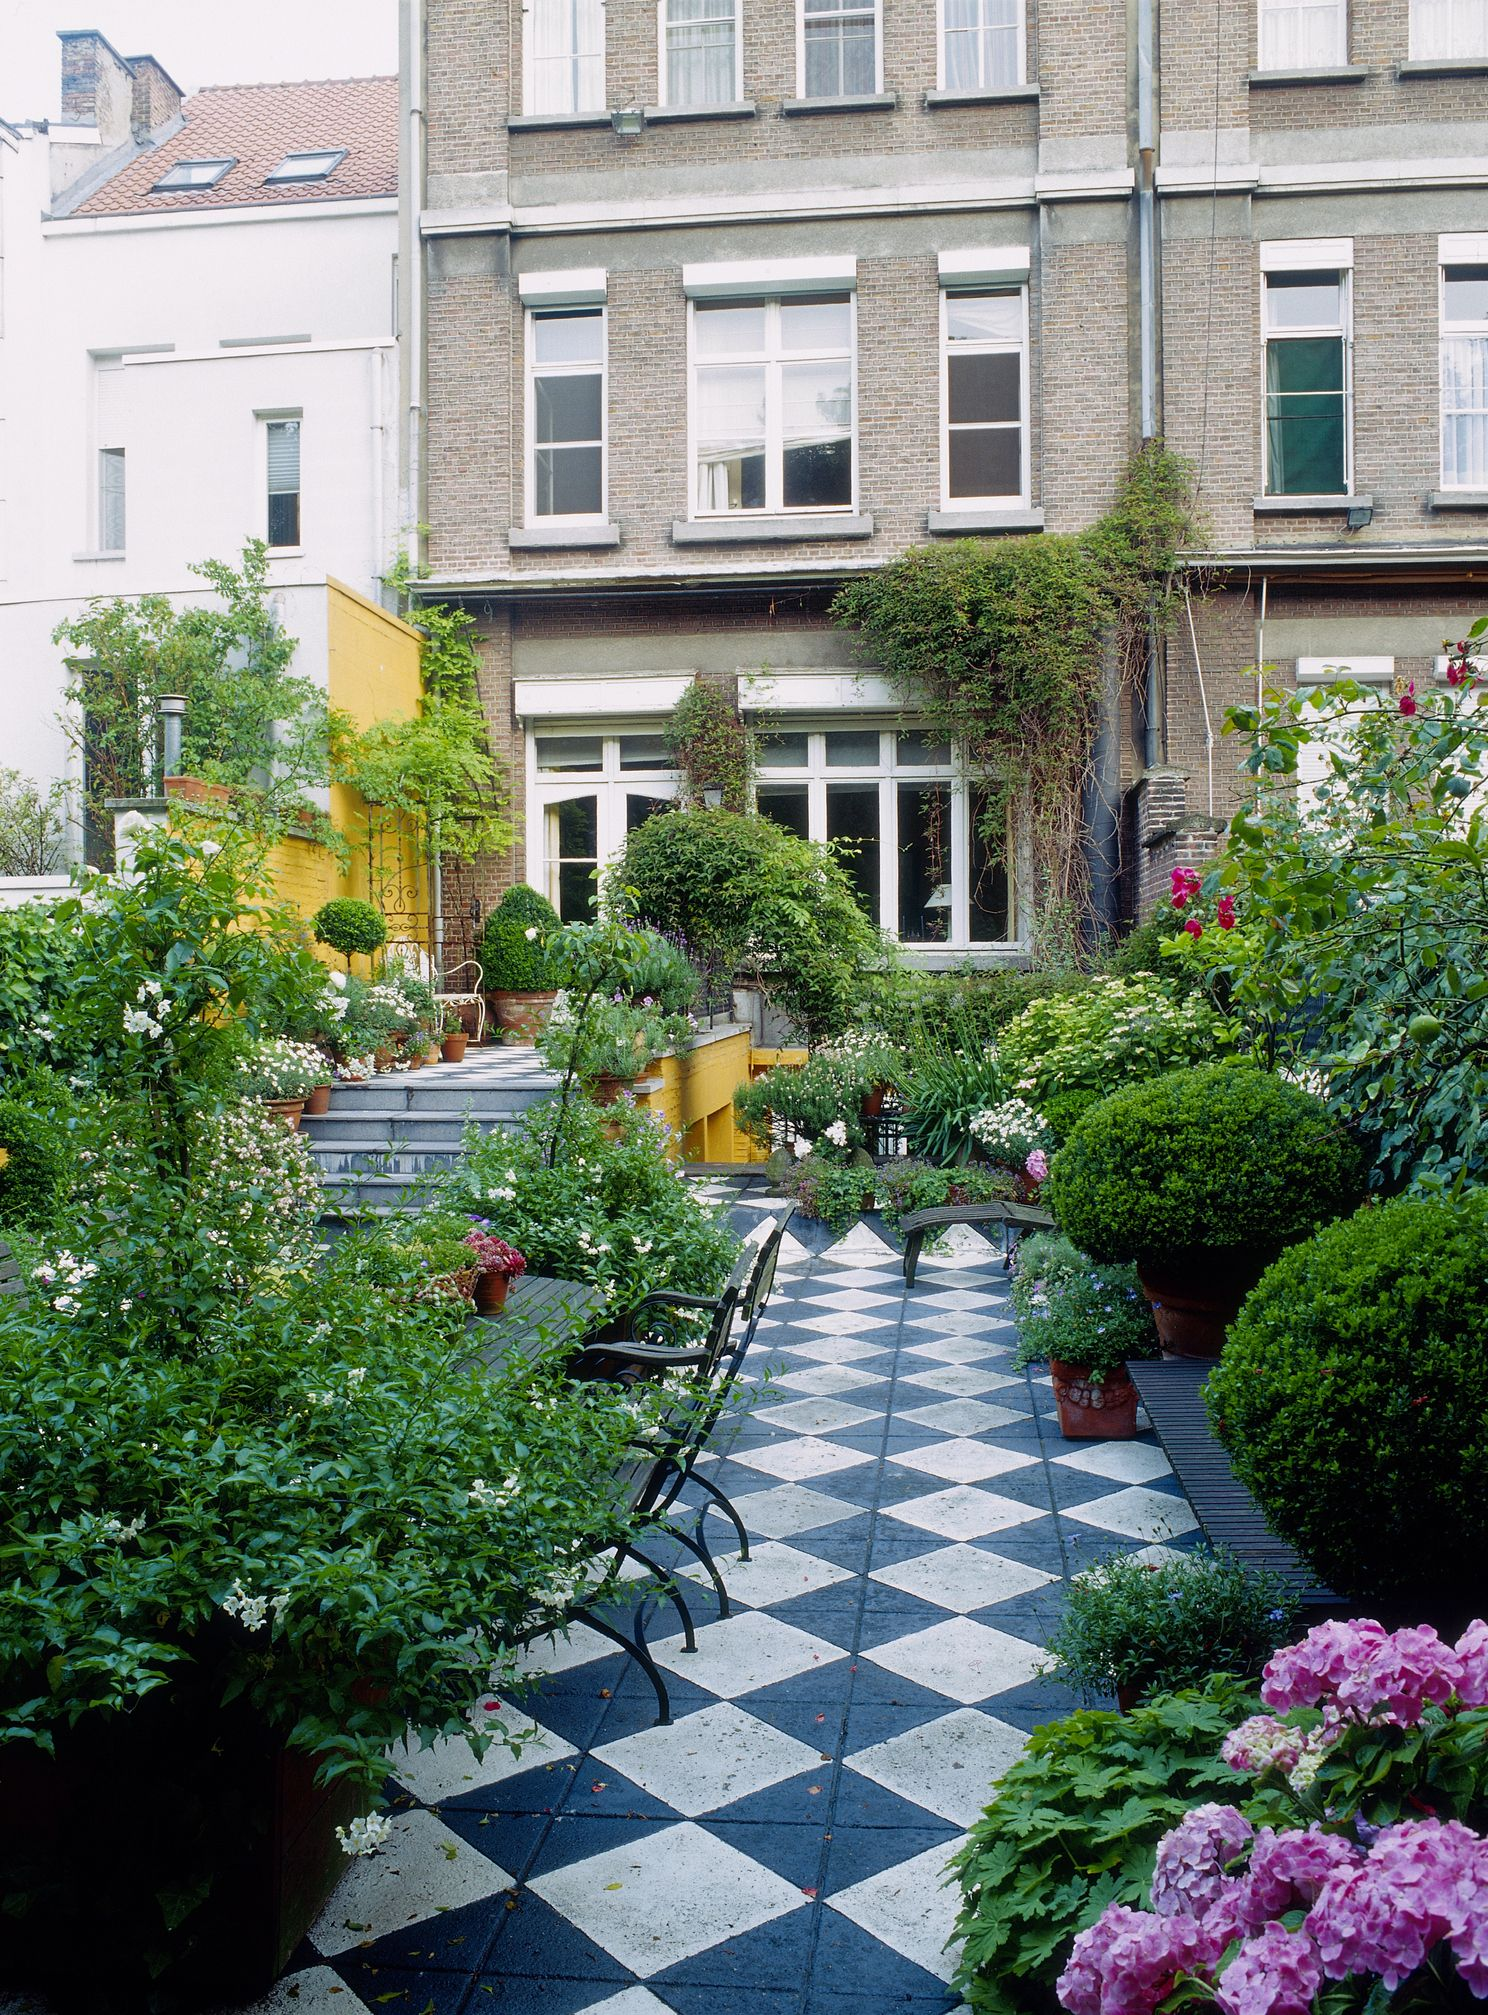 long narrow garden design ideas garden shape ideascheckered tiles in patio long and narrow garden